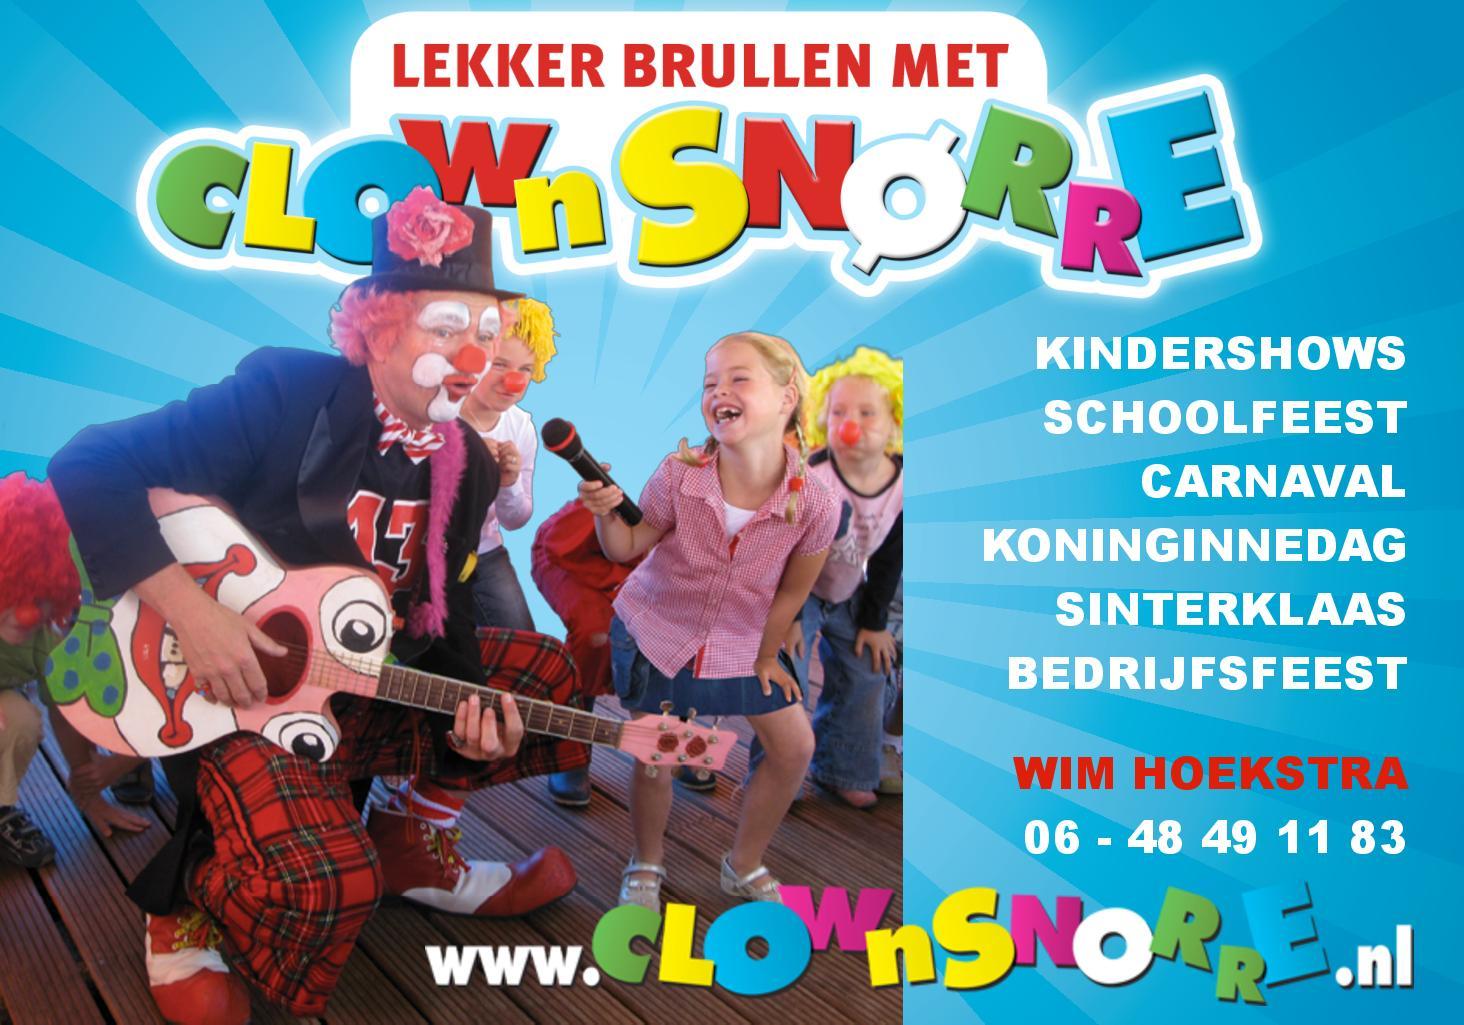 Kindercarnaval_Clown_Snorre_Kindershow_Voorstelling_01